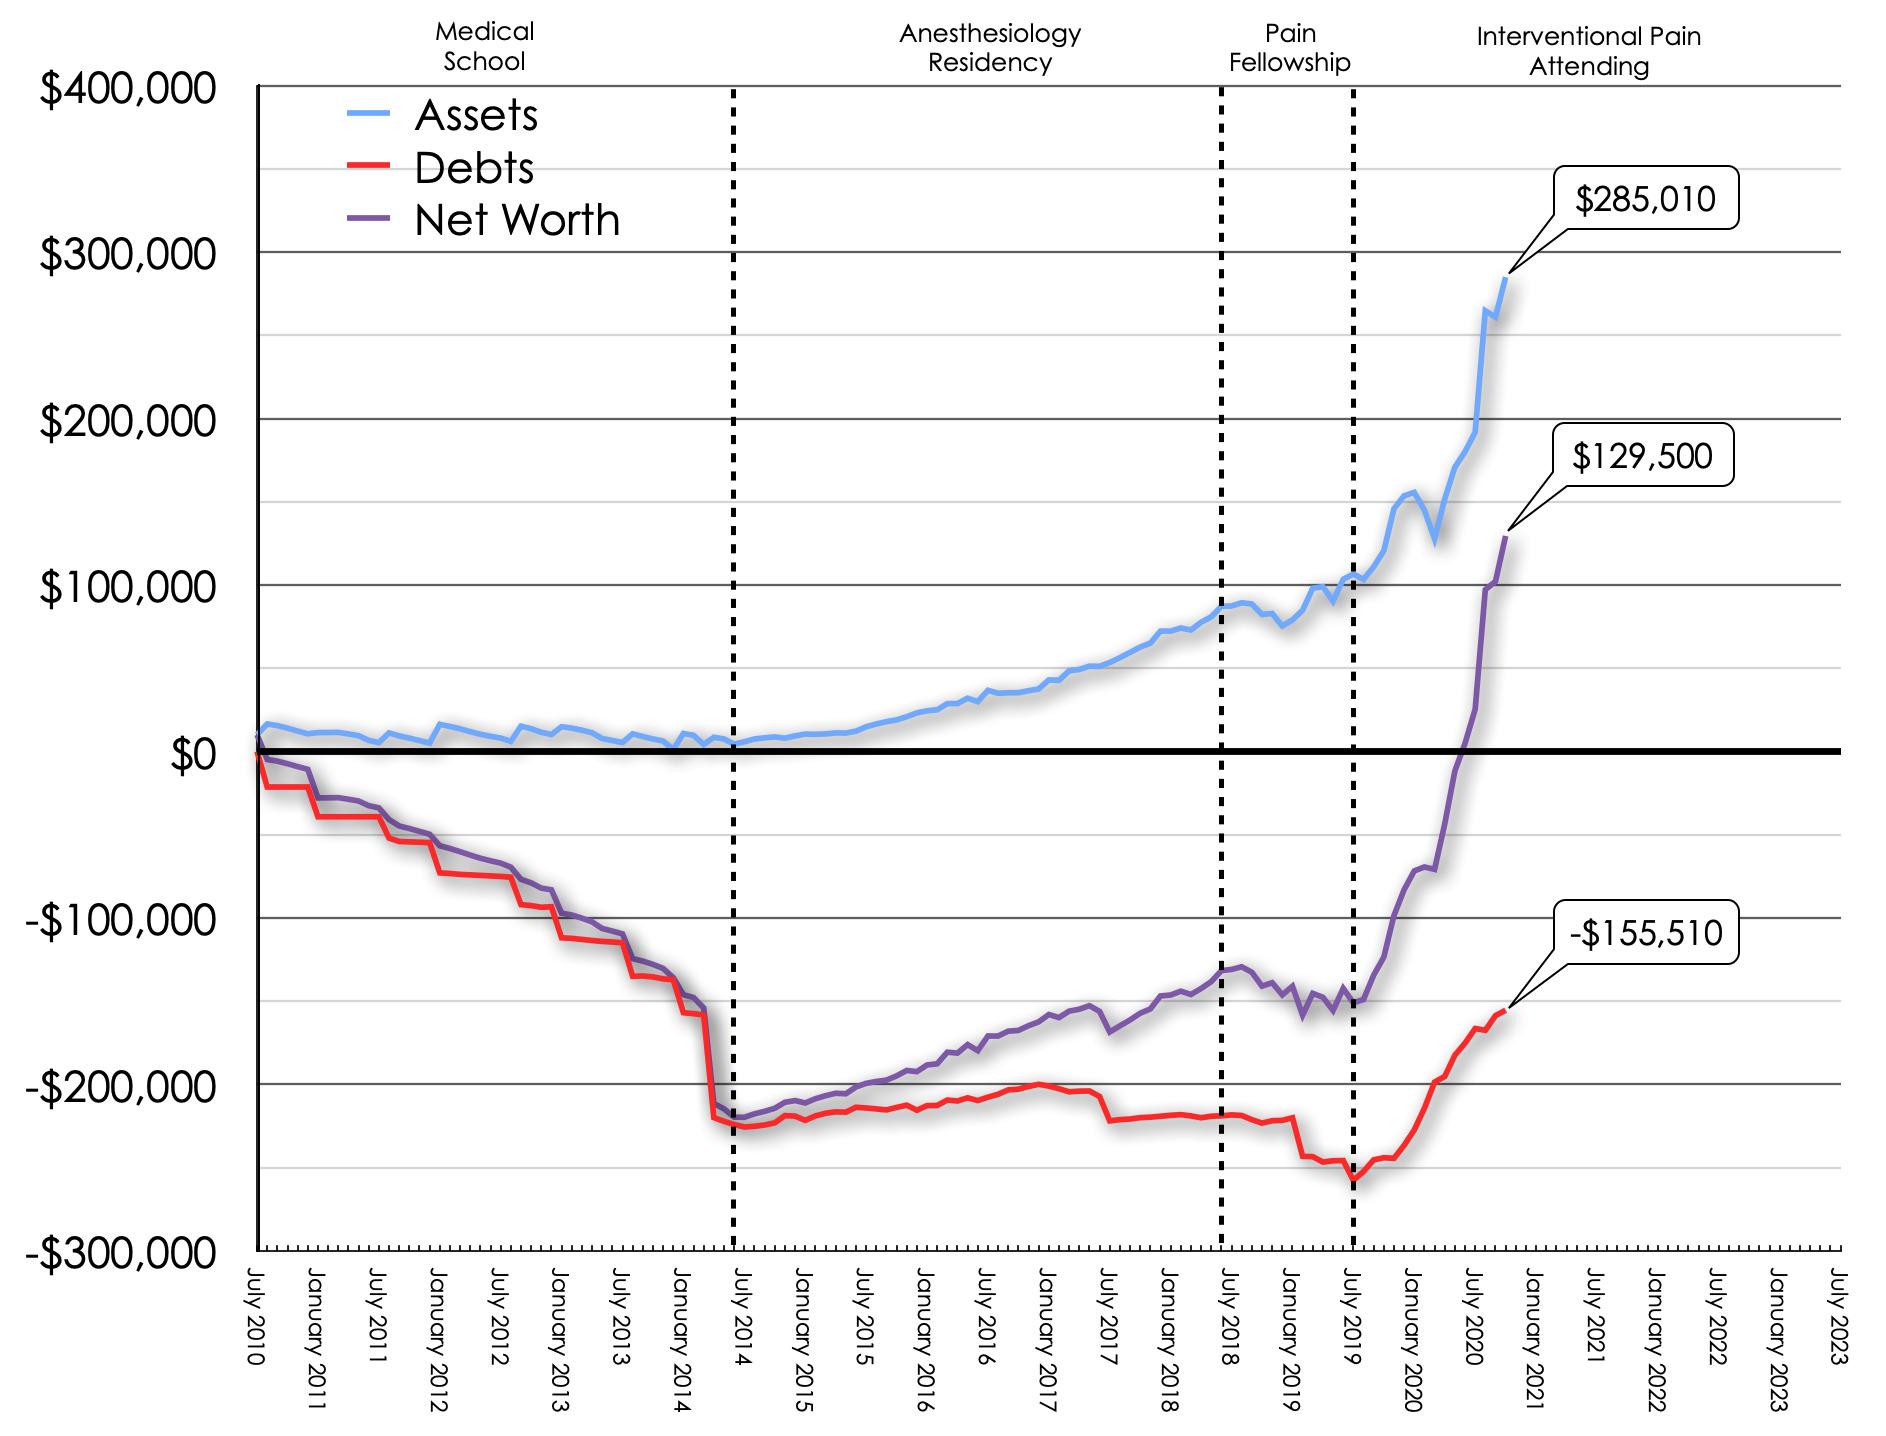 October 2020 Net Worth Trend